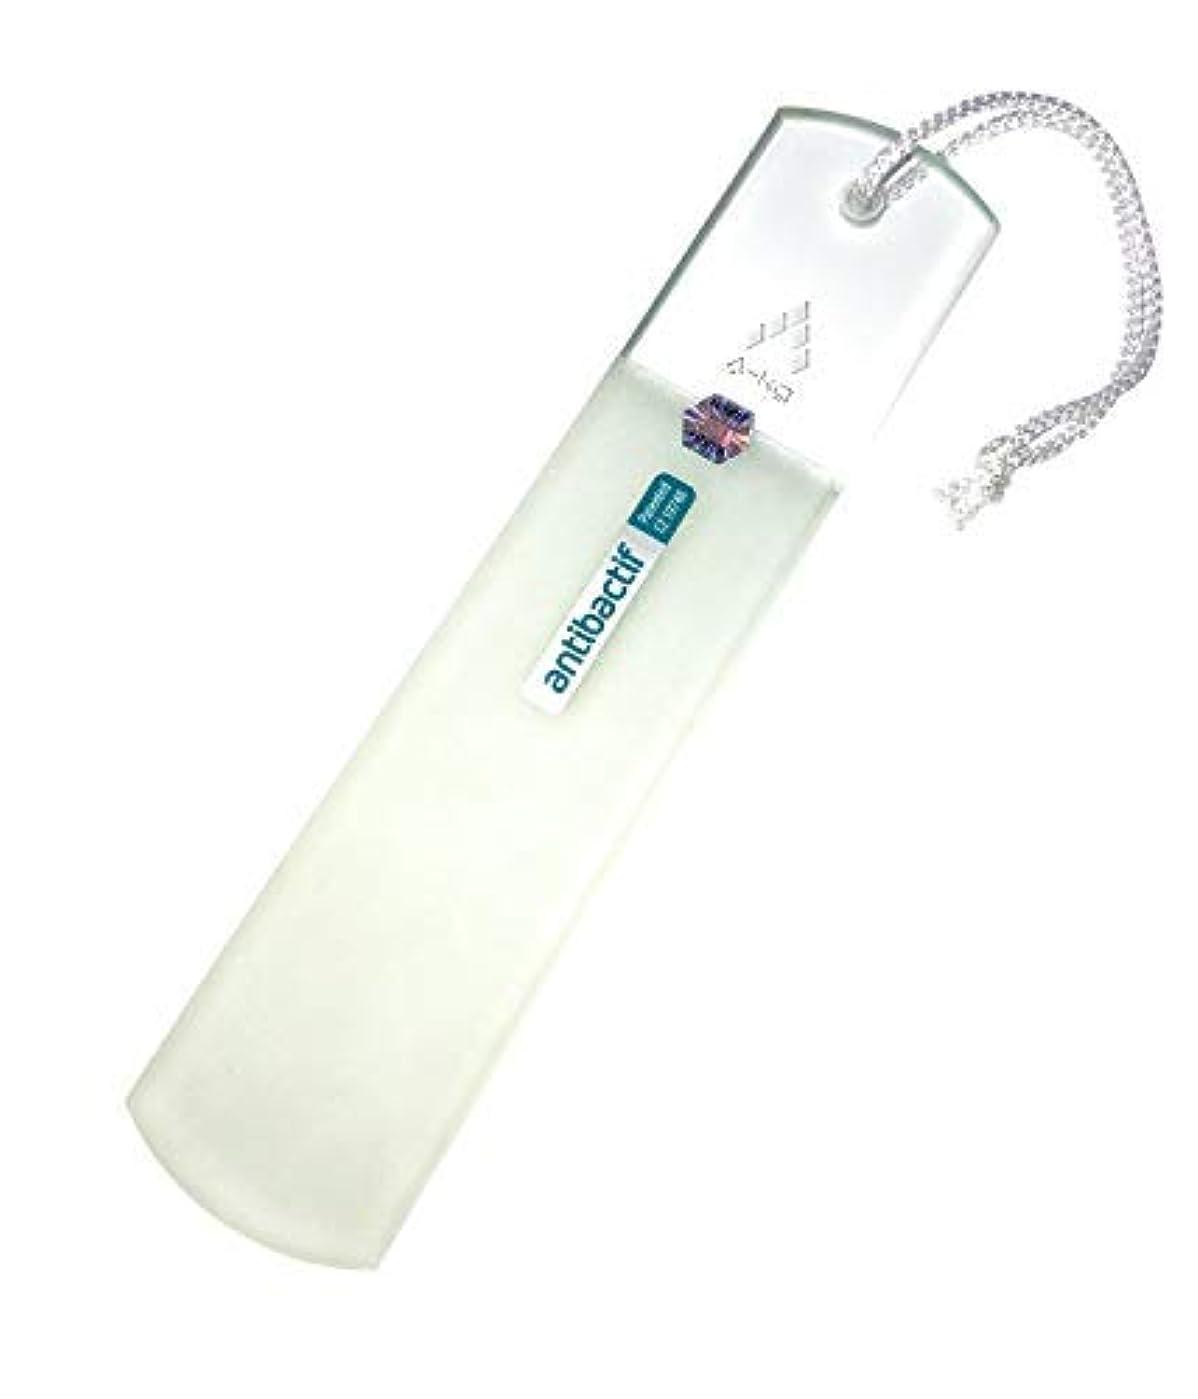 エピソード放棄迫害A-KG BLAZEK かかと用やすり ガラス製 抗菌 クリア 抗菌光触媒コーティング Antibactif かかと削り かかとやすり かかと 角質取り 乾かす時に便利なヒモ付